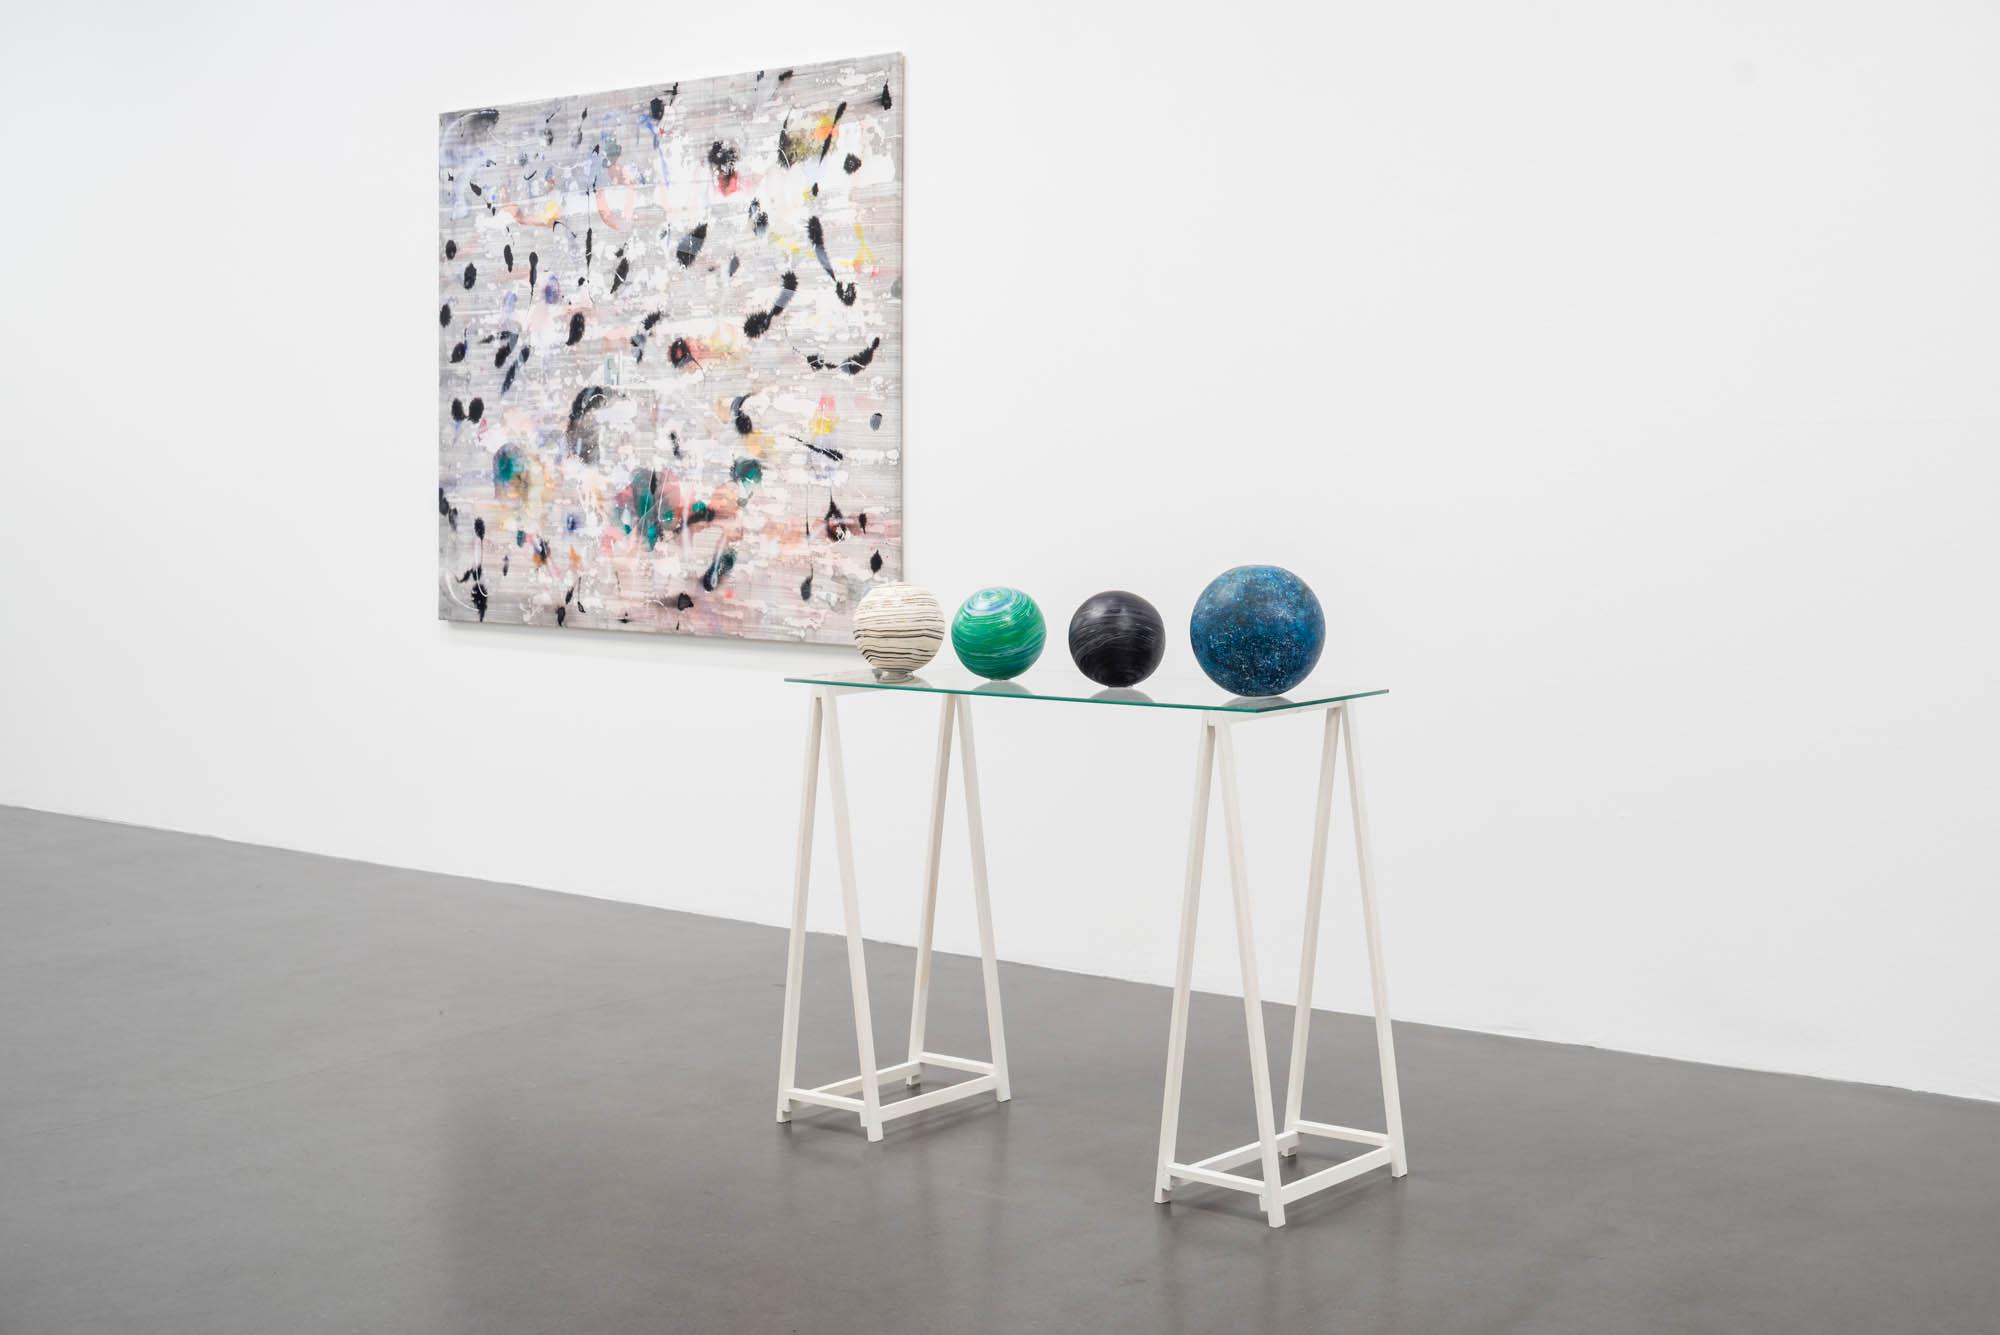 Spheres, 2016, Tom Cullberg